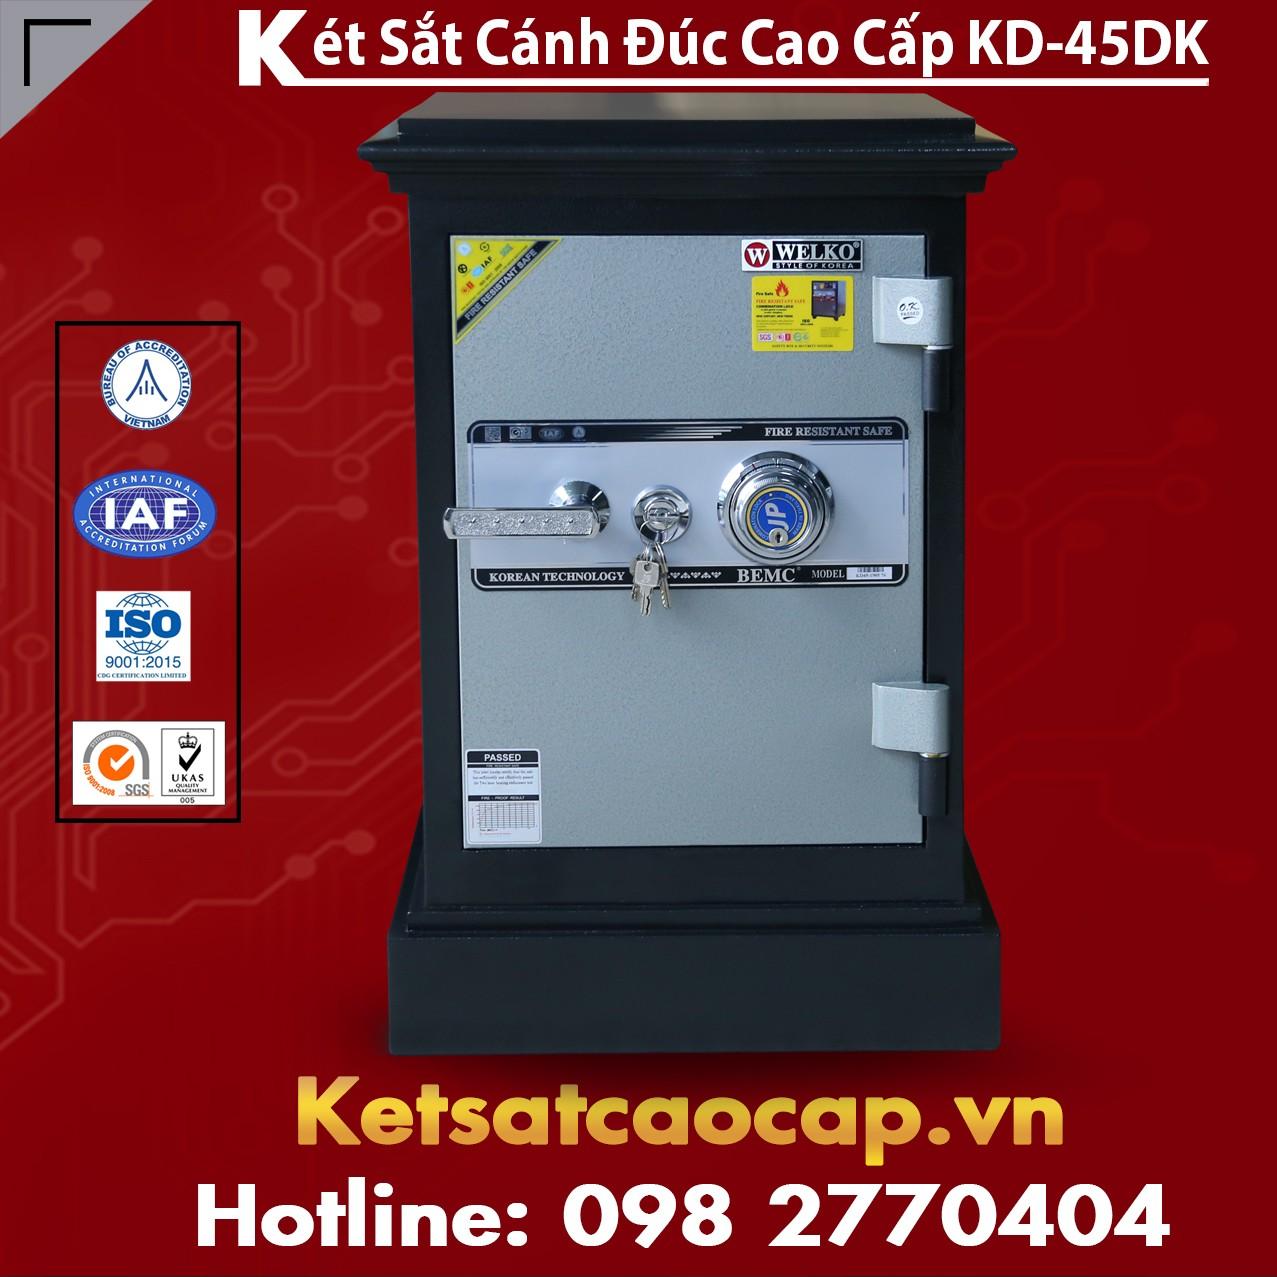 Két Sắt Cánh Đúc KD45 DK Bảo Vệ TS Tốt Nhất Hiện Nay